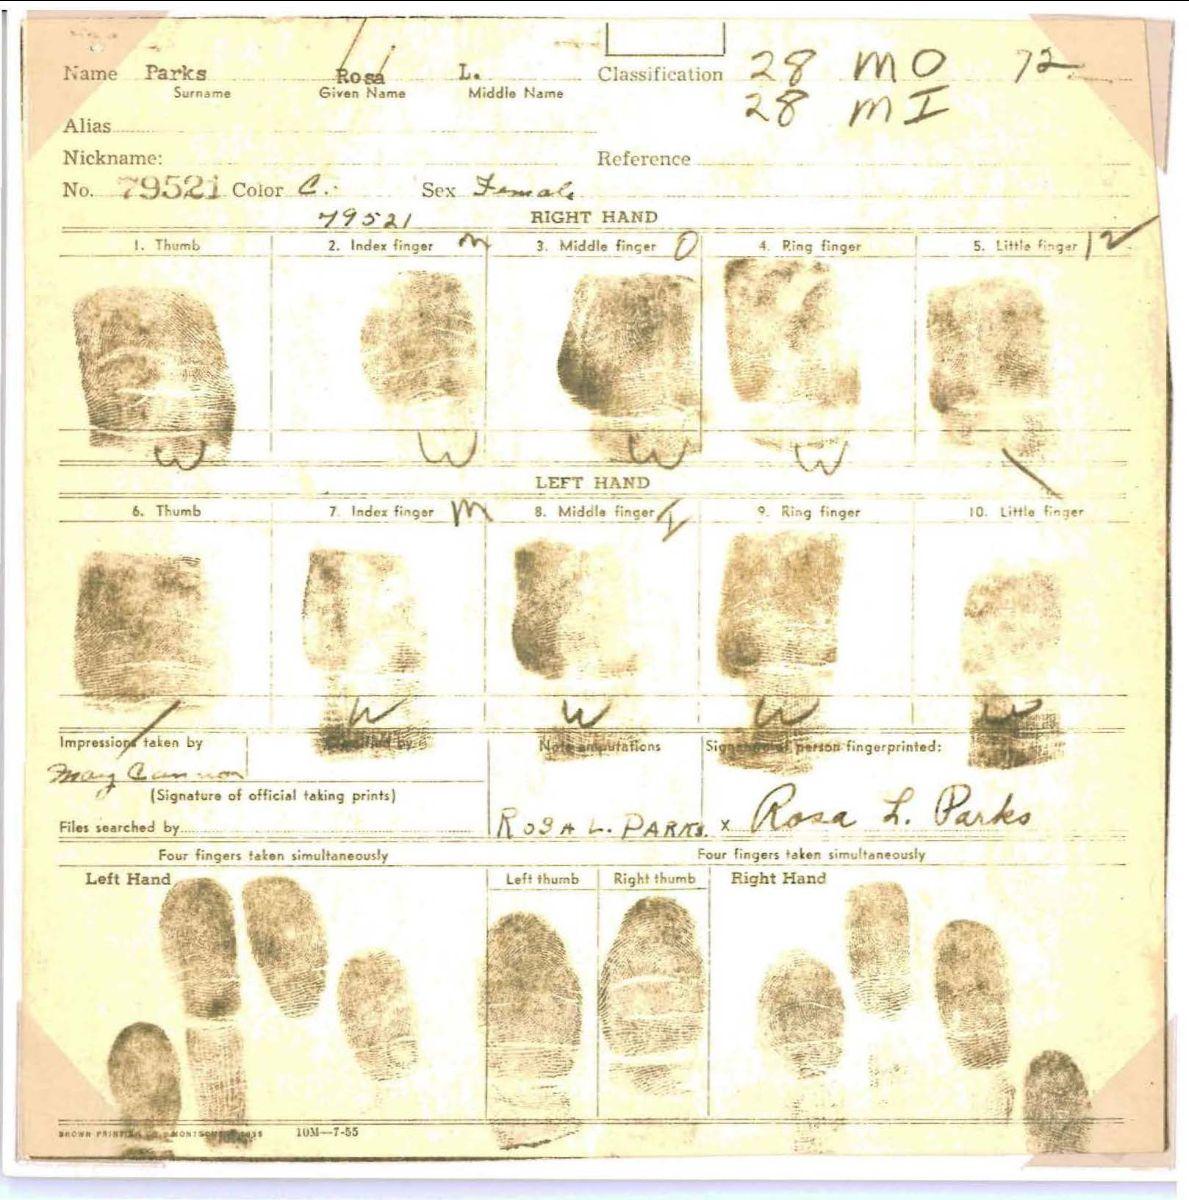 Exhibit from Browder v. Gayle case file showing Rosa Parks fingerprint card